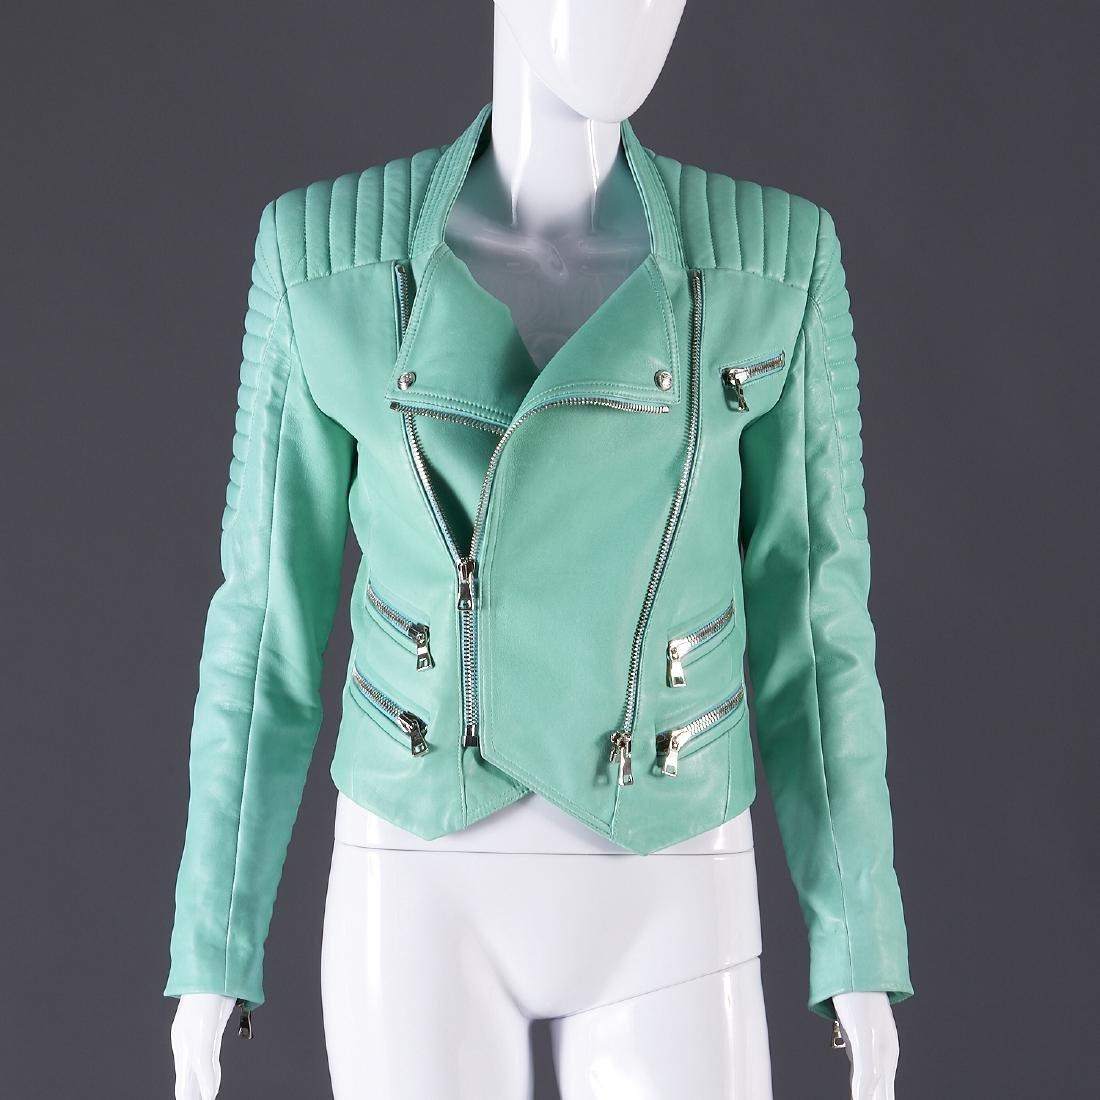 Balmain Paris turquoise lambskin jacket